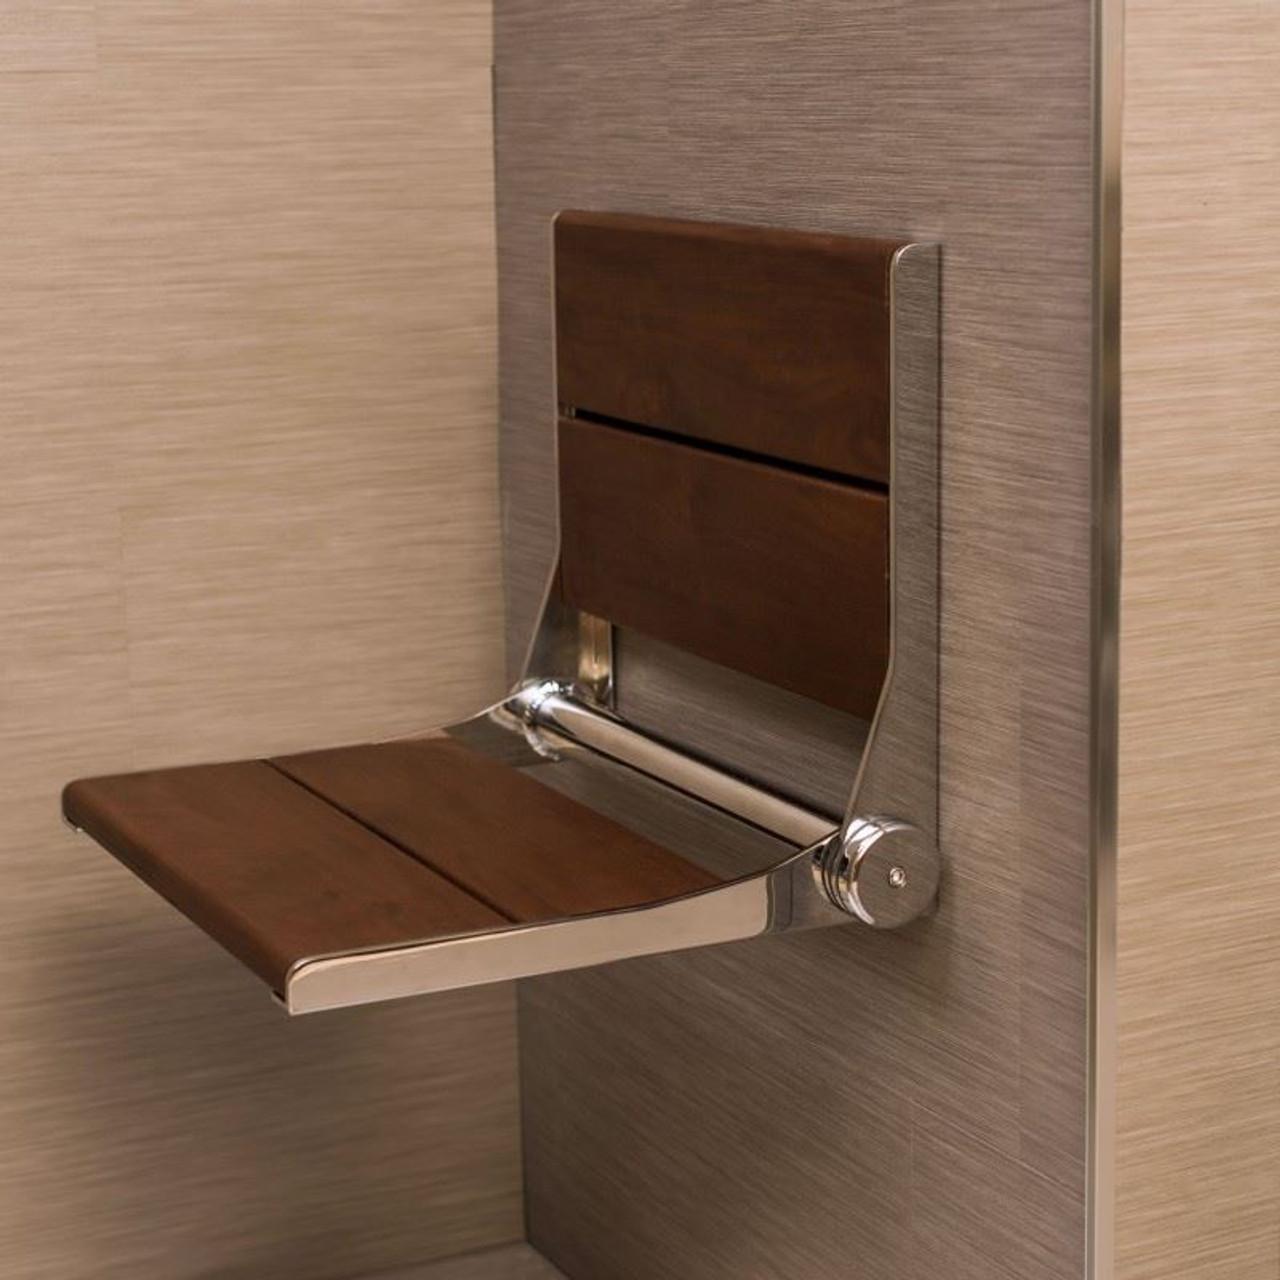 Stylish Shower Seat | Brazilian Walnut | Wall Mount & Folding